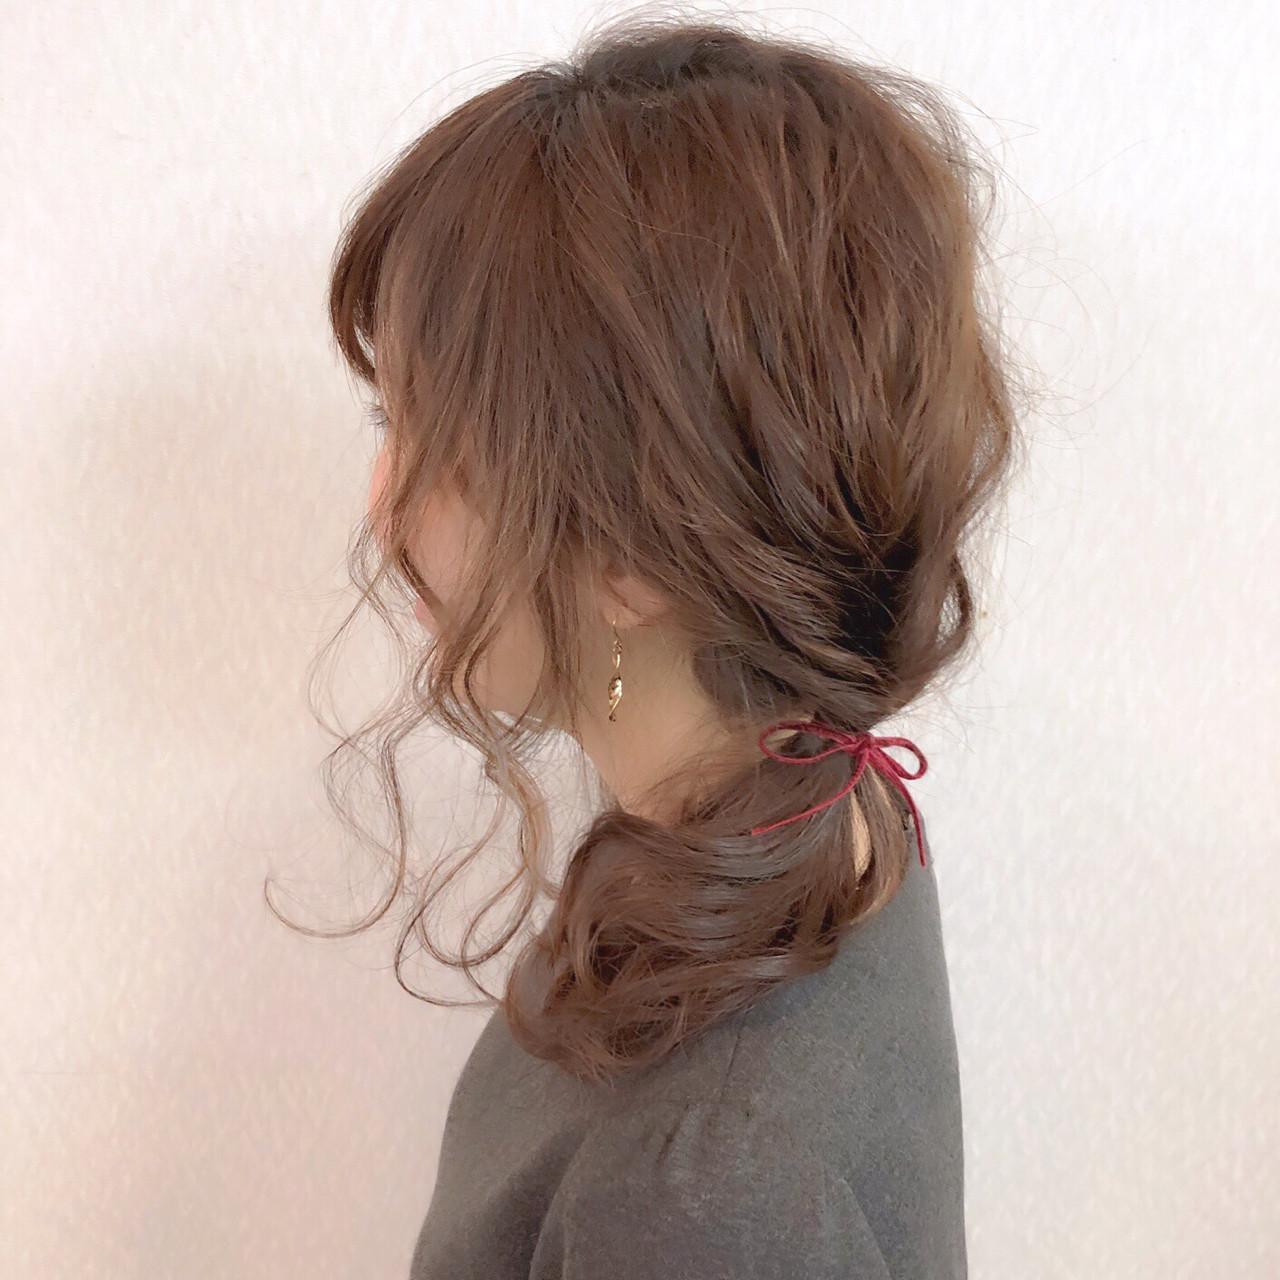 フェミニン ミディアム 簡単ヘアアレンジ 結婚式 ヘアスタイルや髪型の写真・画像